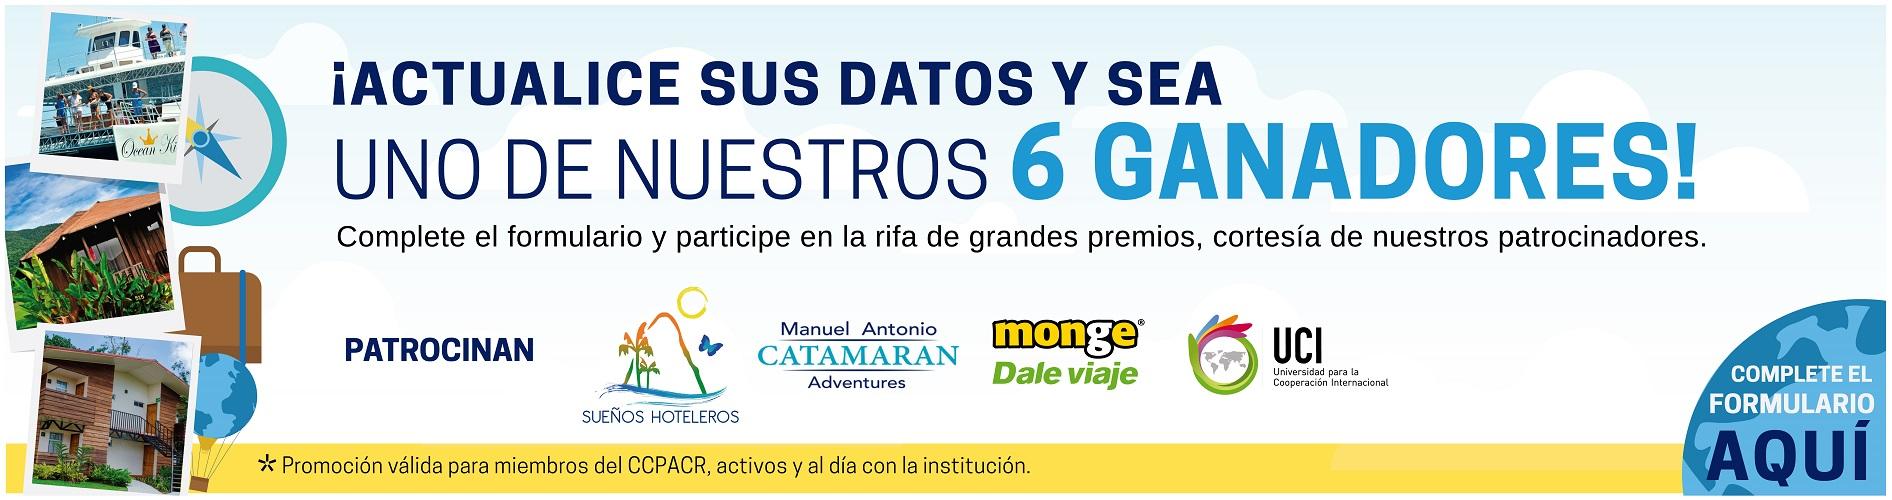 banner_campaña_actualización_datos-01